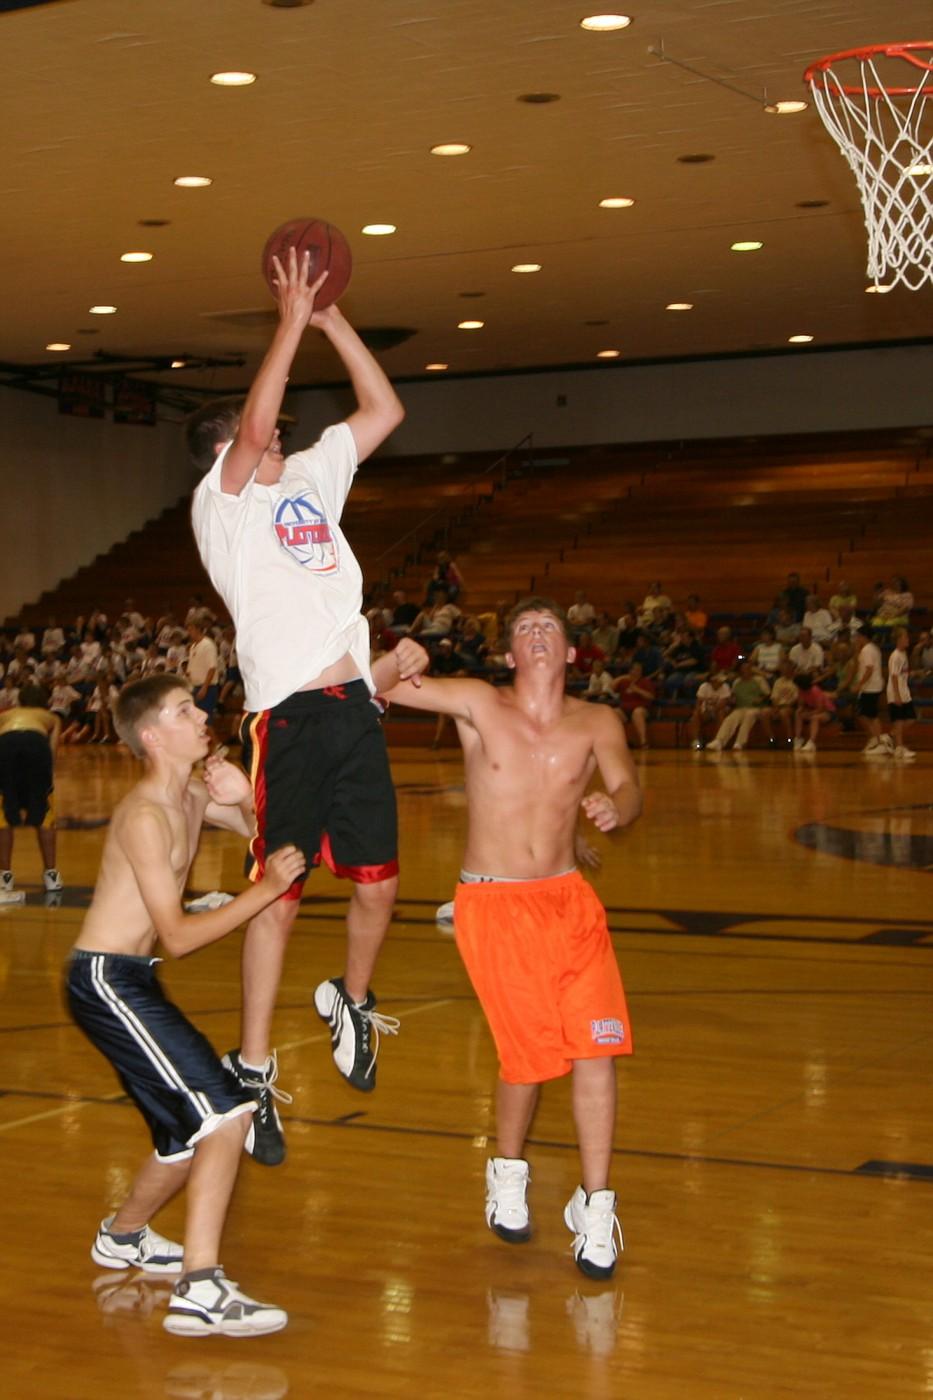 Brent Platteville 2007 - 2